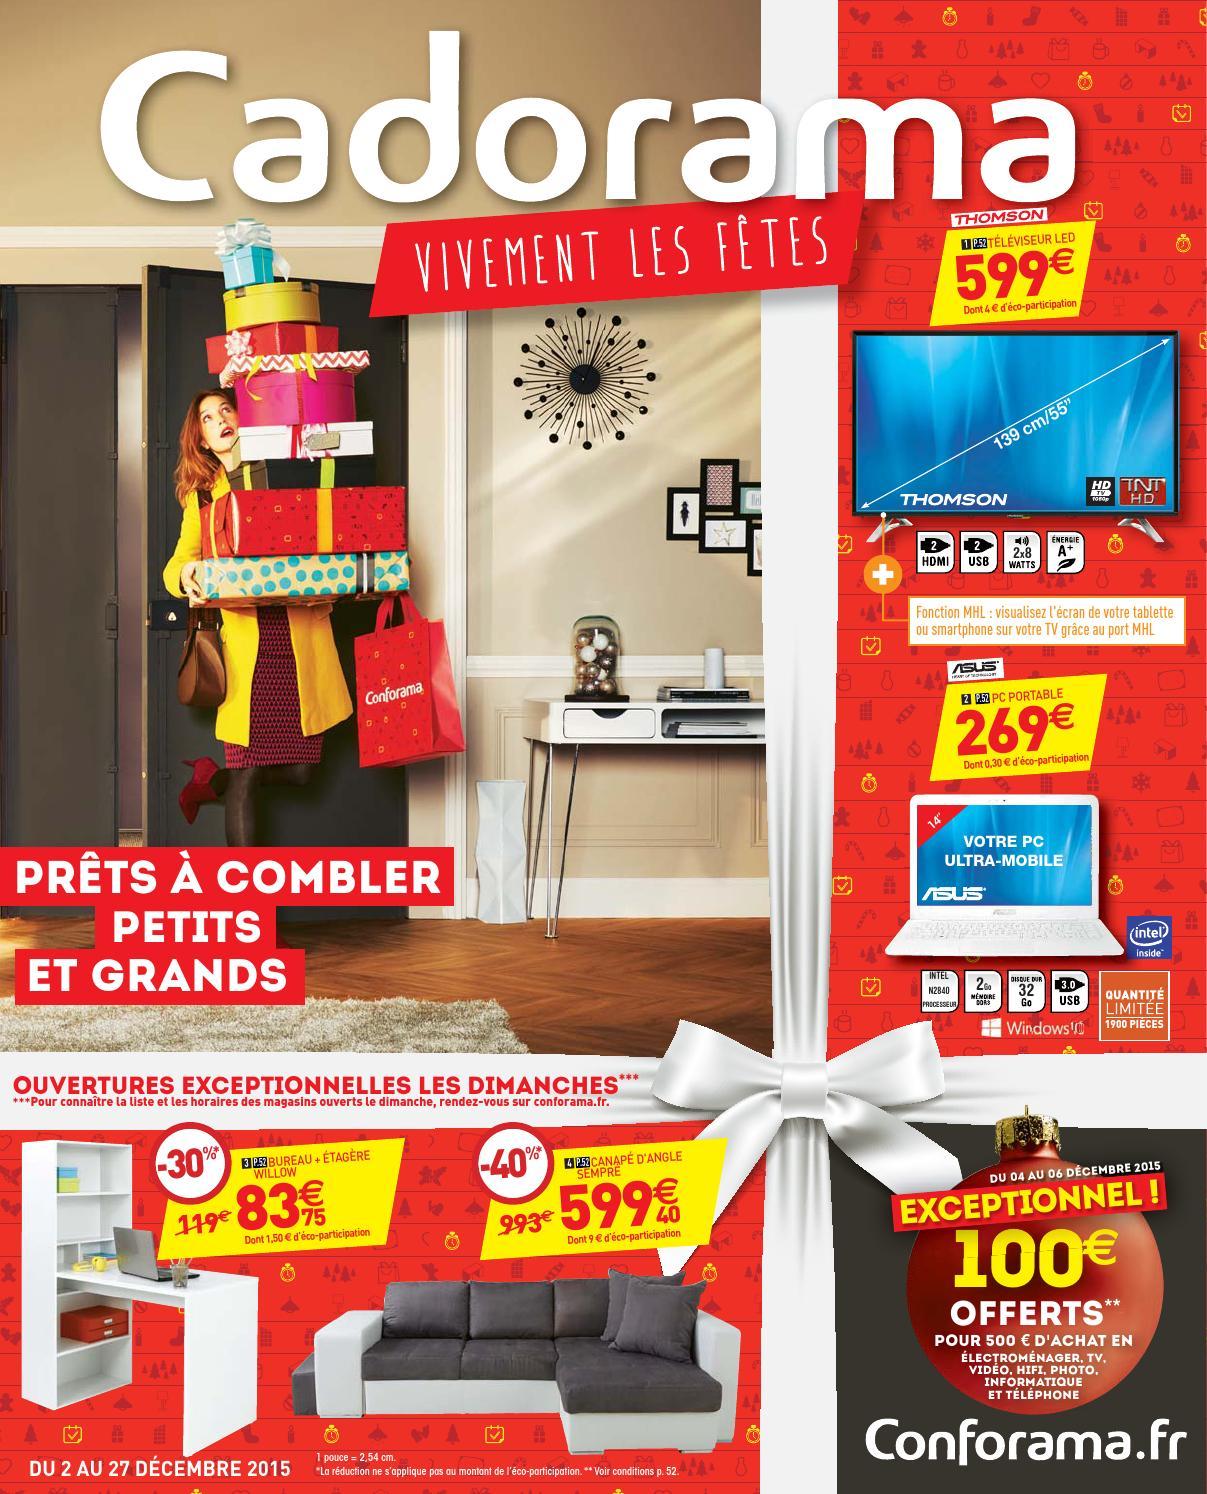 Conforama catalogue 2 27decembre2015 by PromoCatalogues.com - issuu